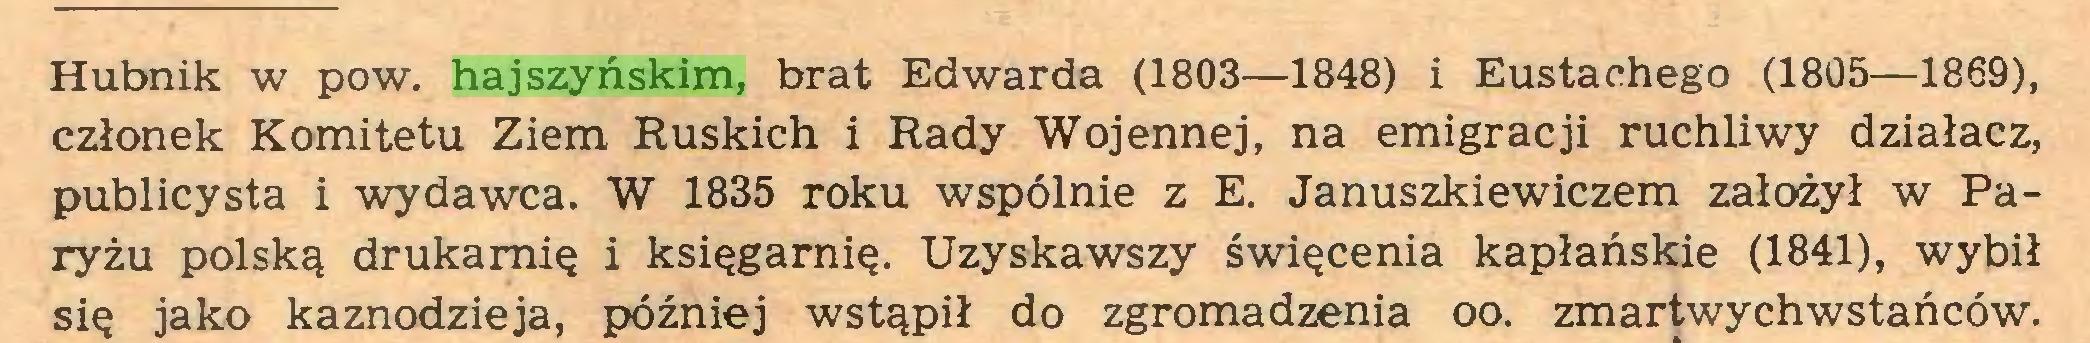 (...) Hubnik w pow. hajszyńskim, brat Edwarda (1803—1848) i Eustachego (1805—1869), członek Komitetu Ziem Ruskich i Rady Wojennej, na emigracji ruchliwy działacz, publicysta i wydawca. W 1835 roku wspólnie z E. Januszkiewiczem założył w Paryżu polską drukarnię i księgarnię. Uzyskawszy święcenia kapłańskie (1841), wybił się jako kaznodzieja, później wstąpił do zgromadzenia oo. zmartwychwstańców...